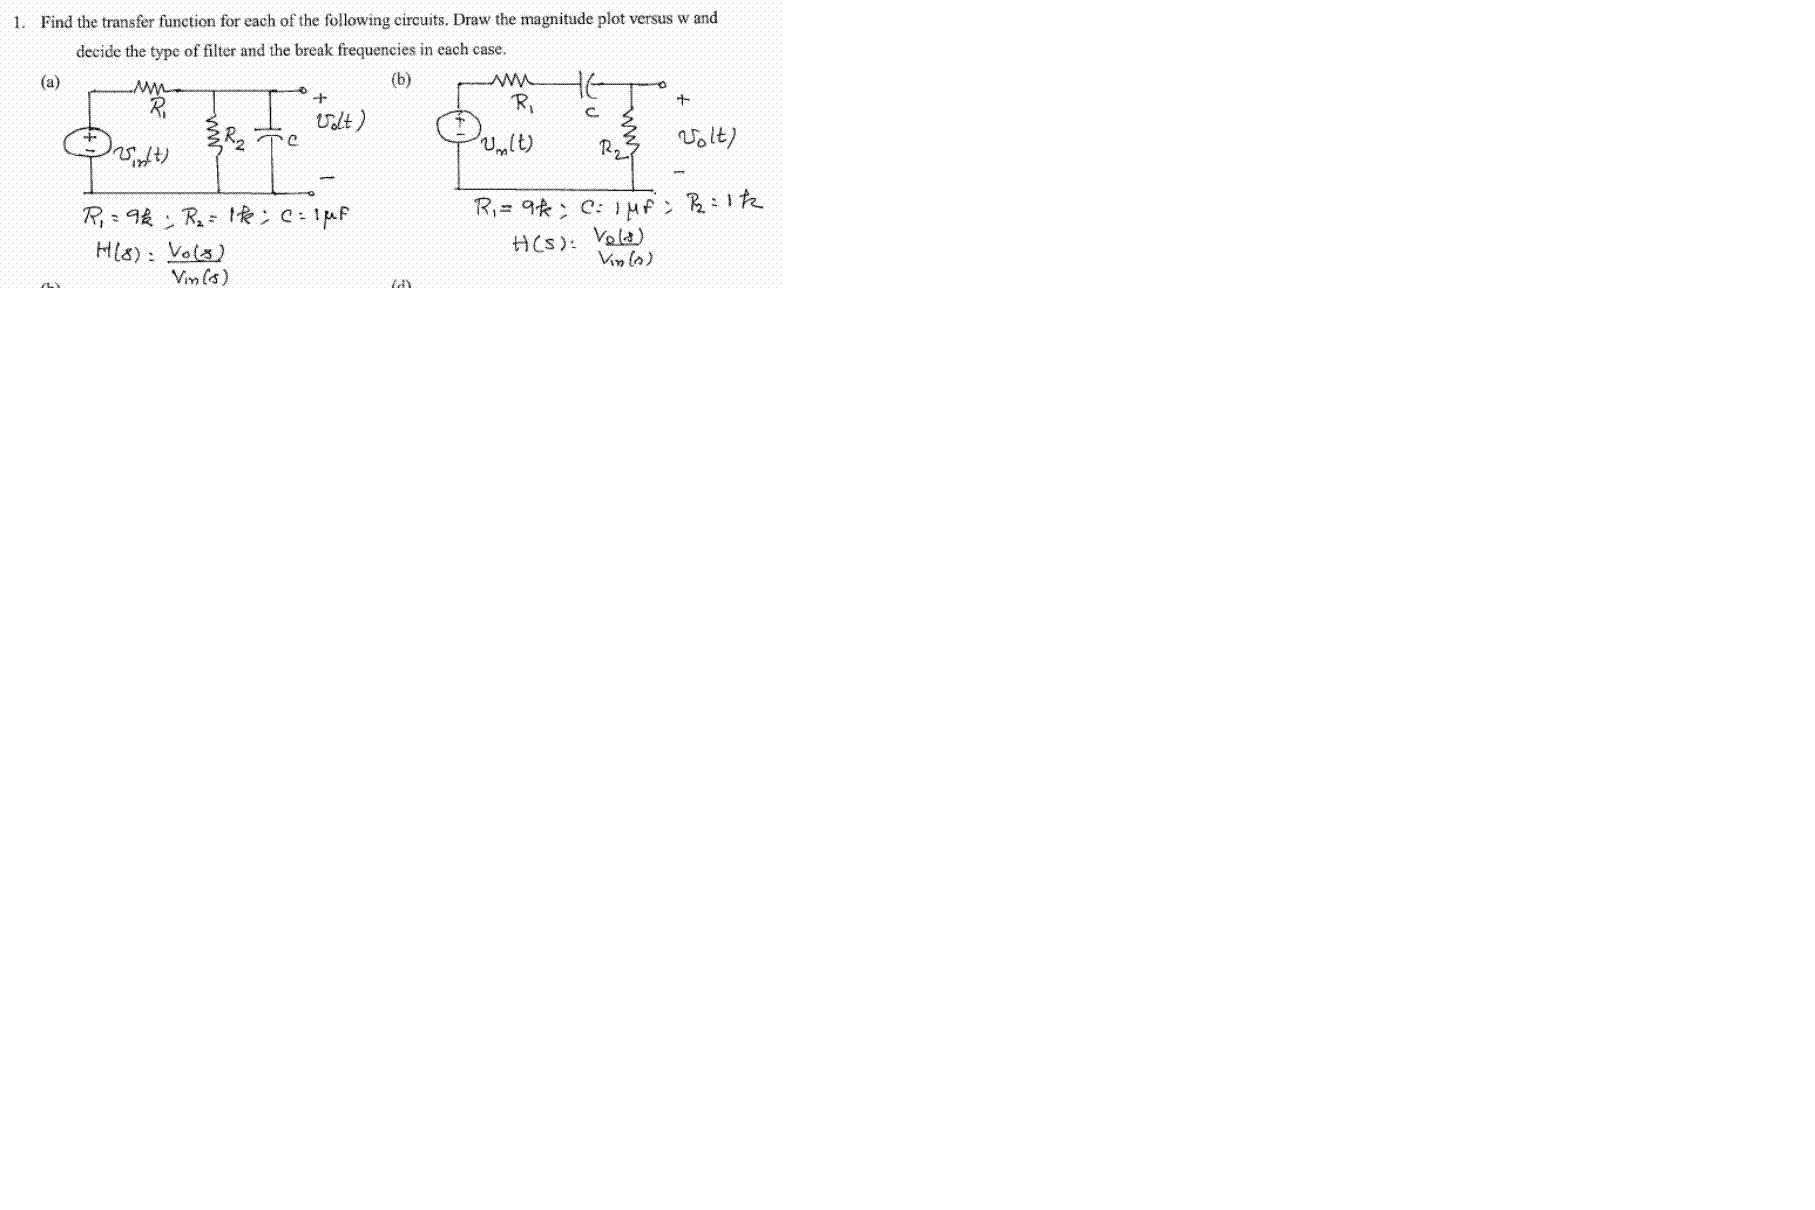 media/83a/83ae1b36-33cf-4a4f-ad18-50